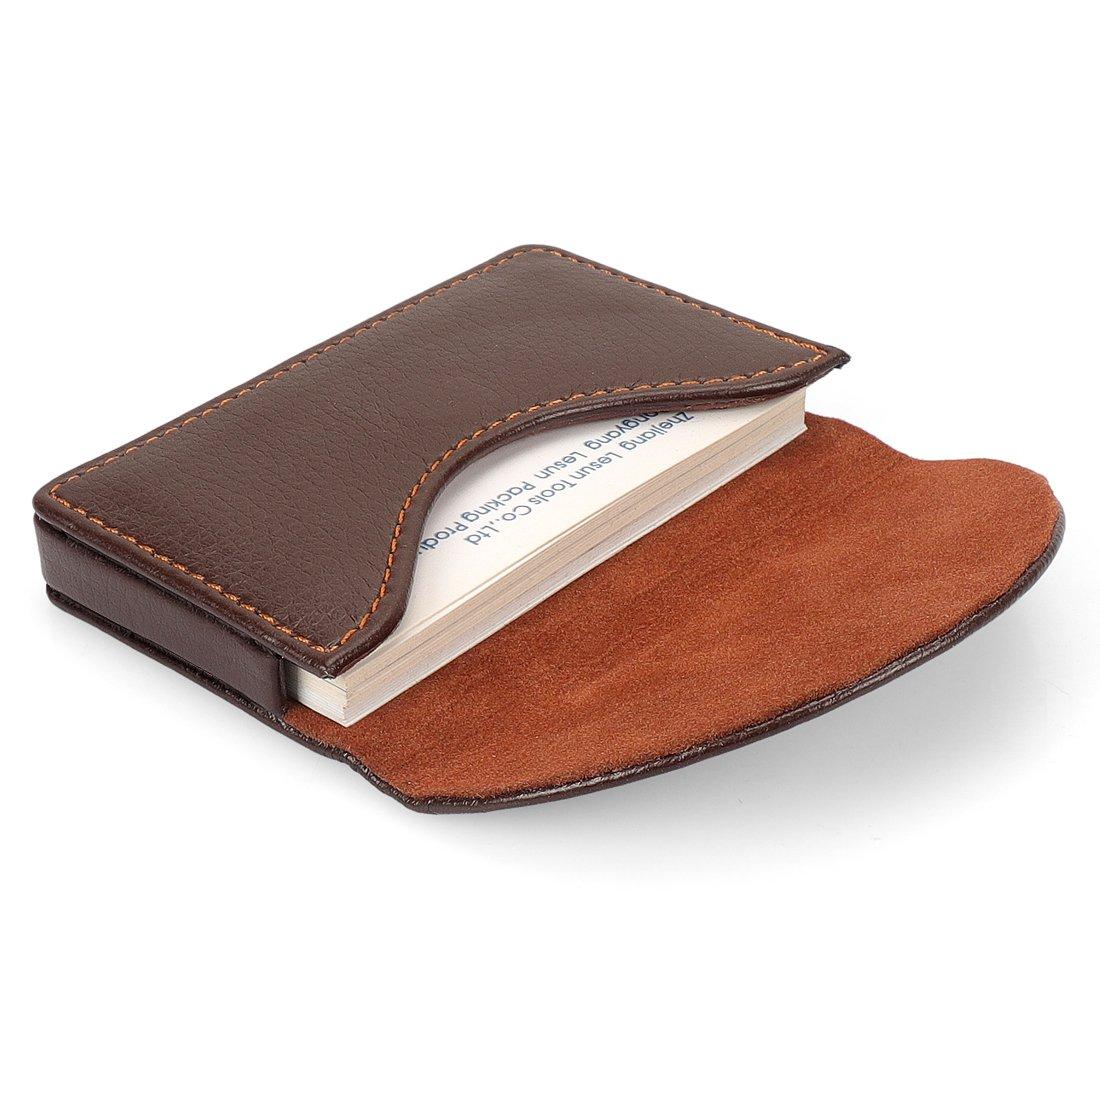 Yobansa PU-Leder-Visitenkartenhalter, Brieftasche, Kreditkarten, Visitenkarten, Namenskarten, Schutzhülle mit magnetischer Schnalle für Damen und Herren Schwarz